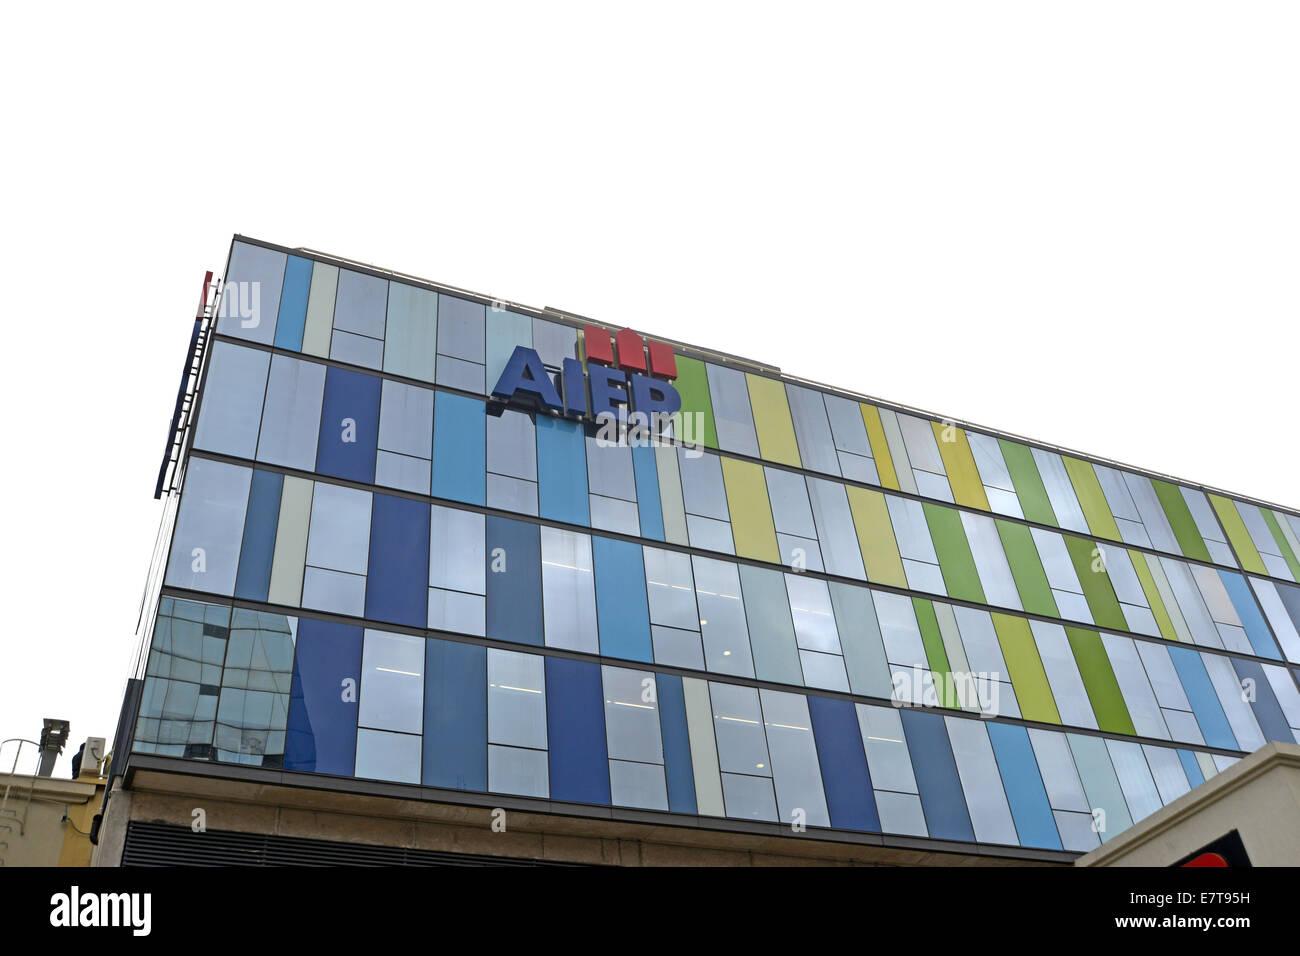 AIEP de la Universidad Andres Bello Valparaiso Chile - Stock Image